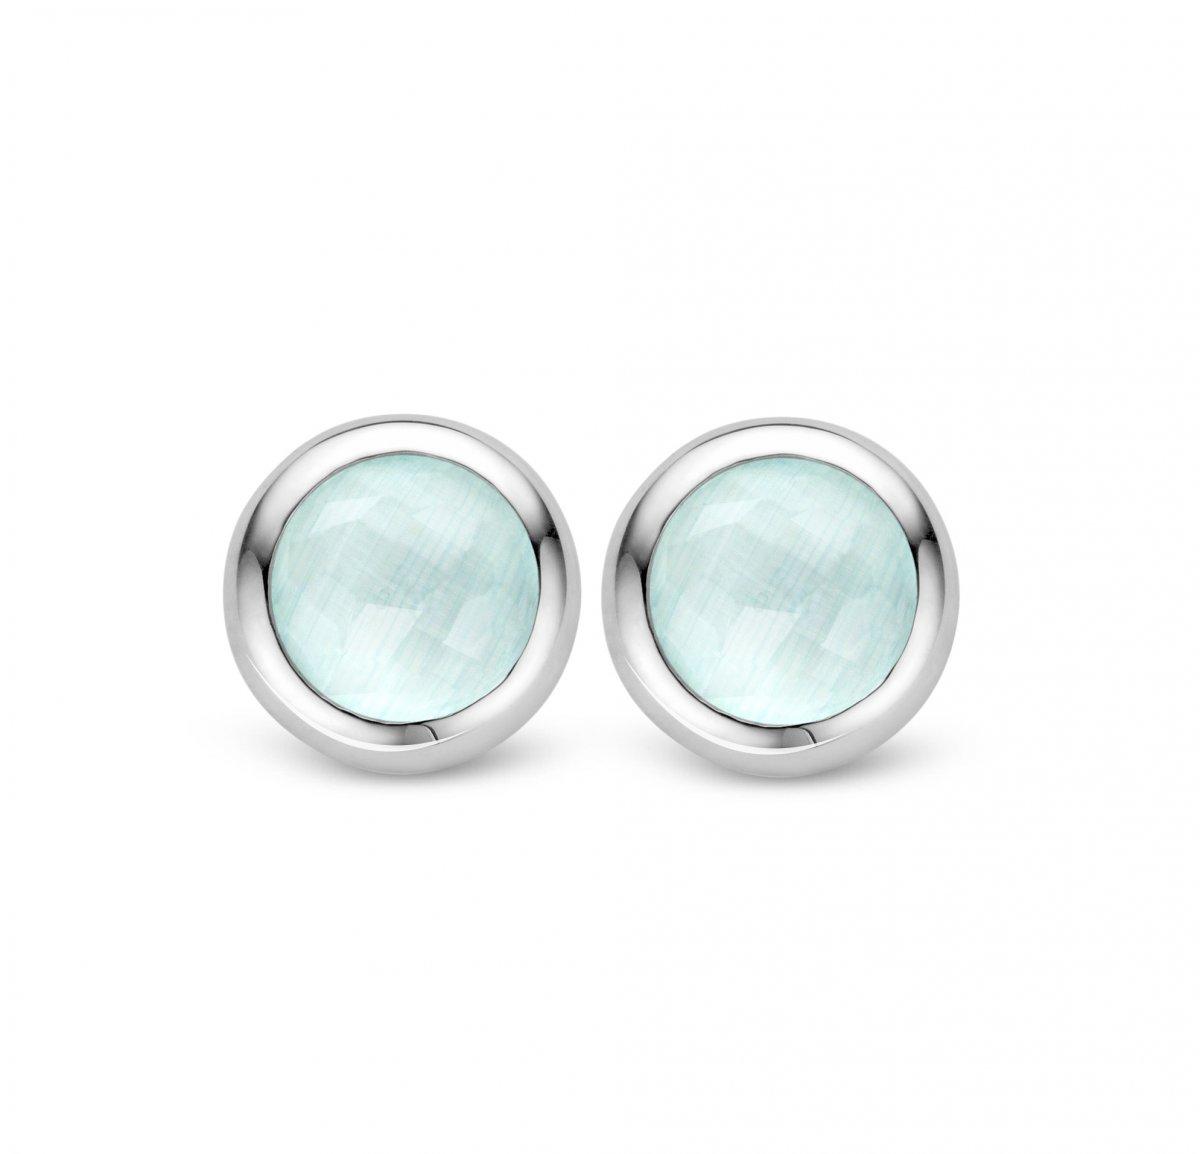 Okrúhle náušnice TI SENTO so svetlo modrým kameňom